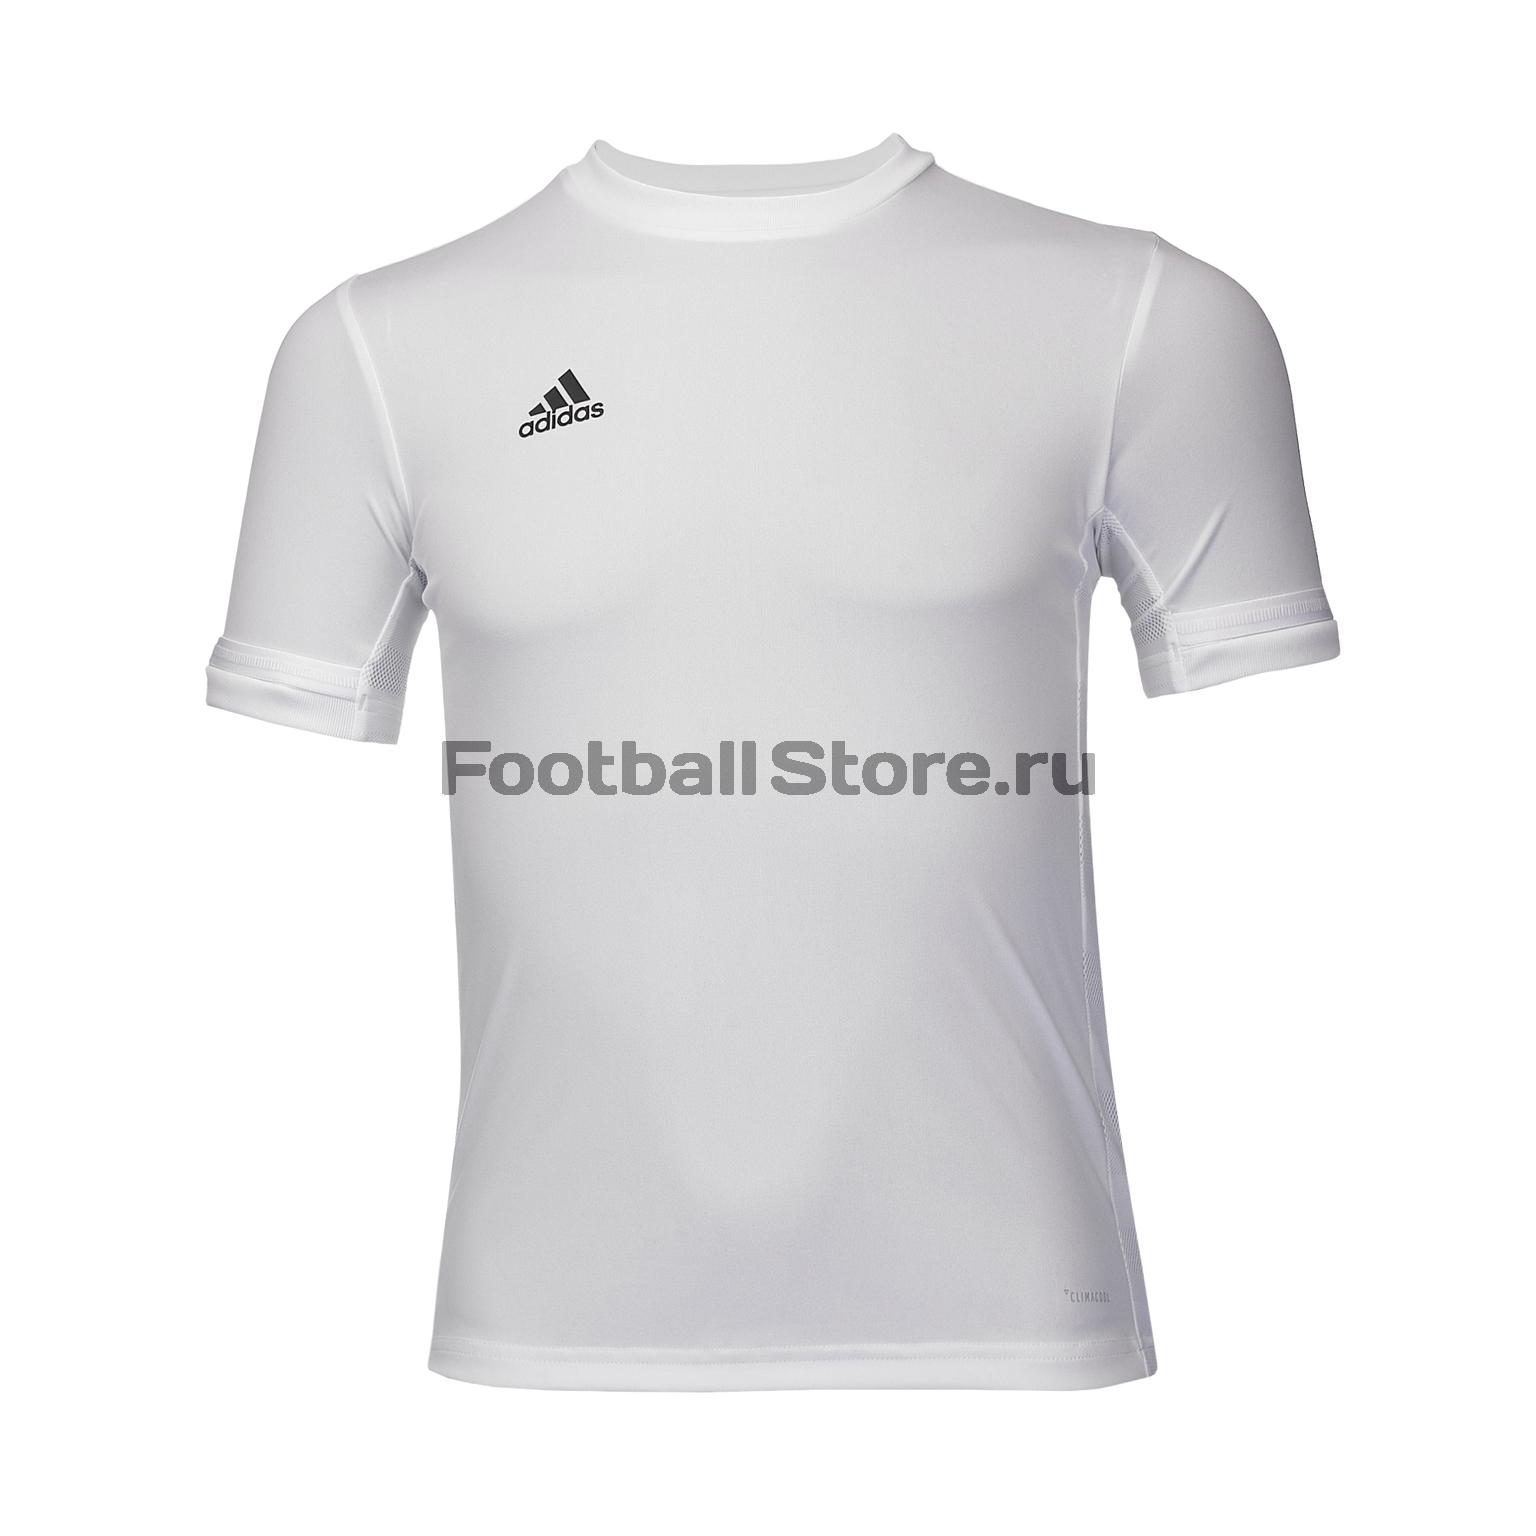 Футболка тренировочная подростковая Adidas T19 SS DW6885